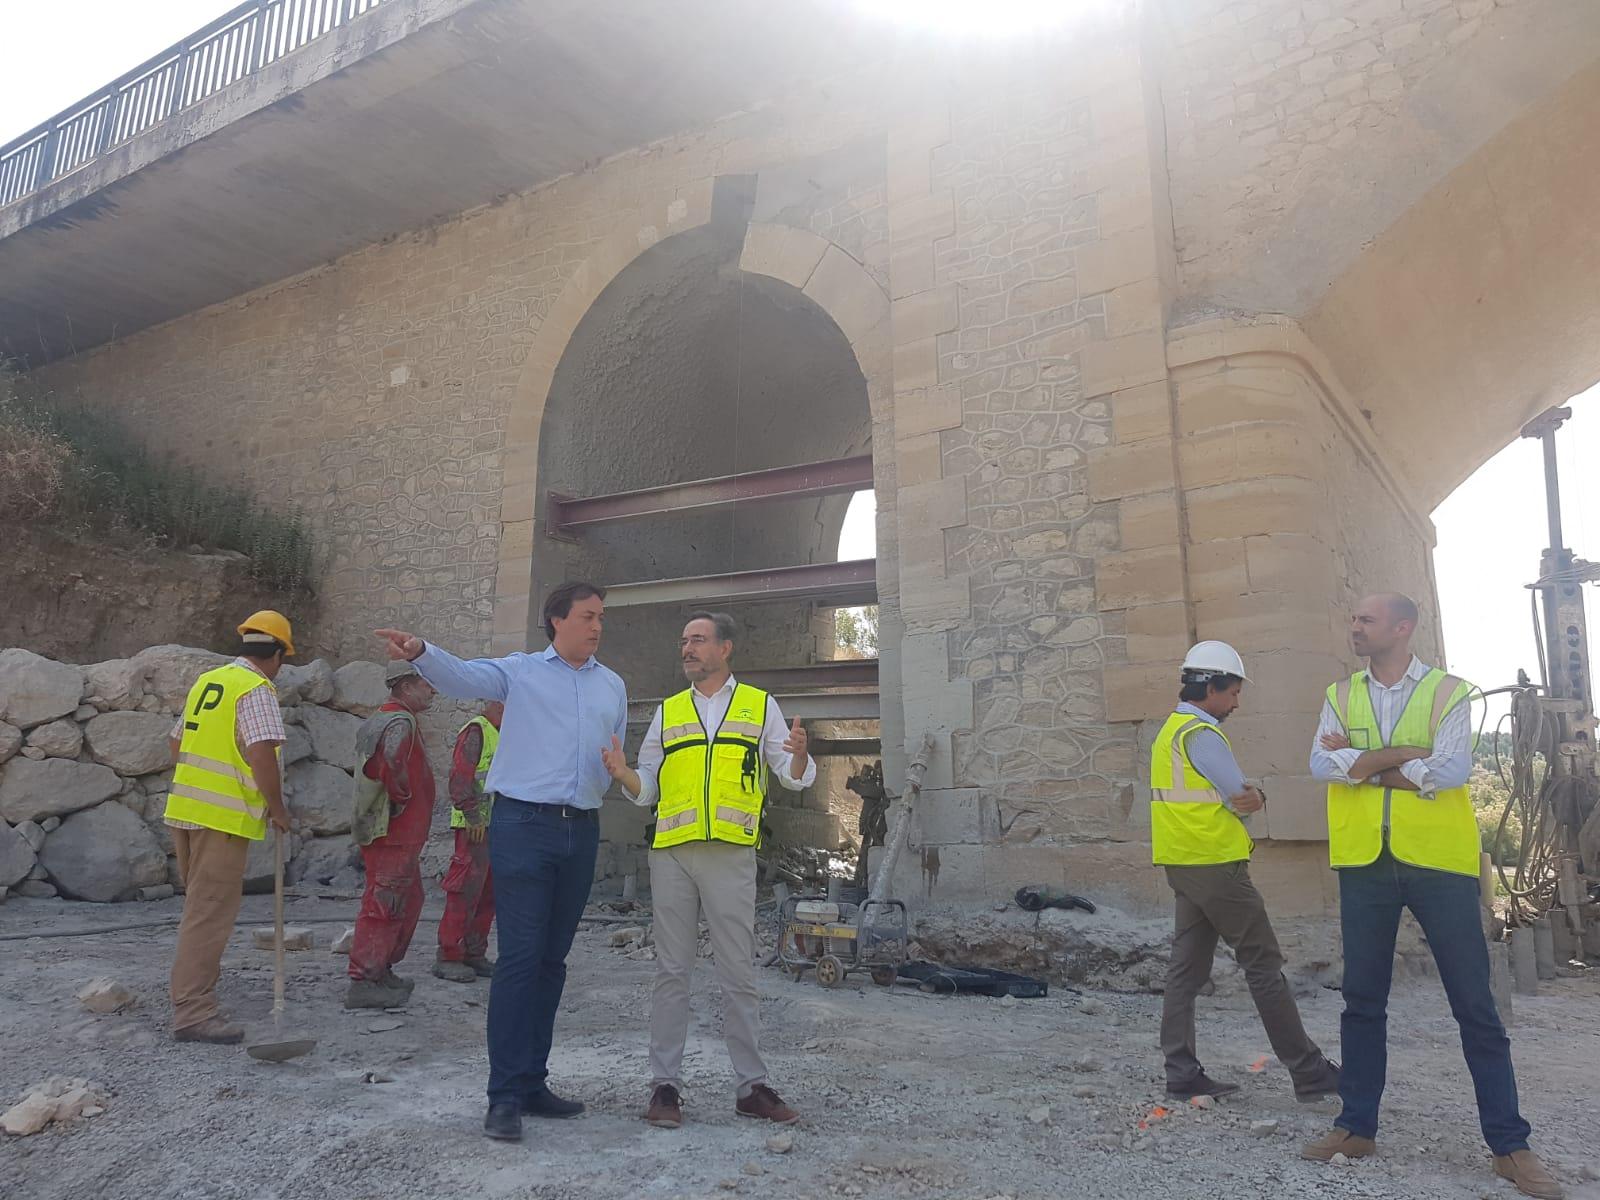 La Junta destina 1,8 millones de euros a la ejecución de obras de emergencia en carreteras de la provincia y la comarca